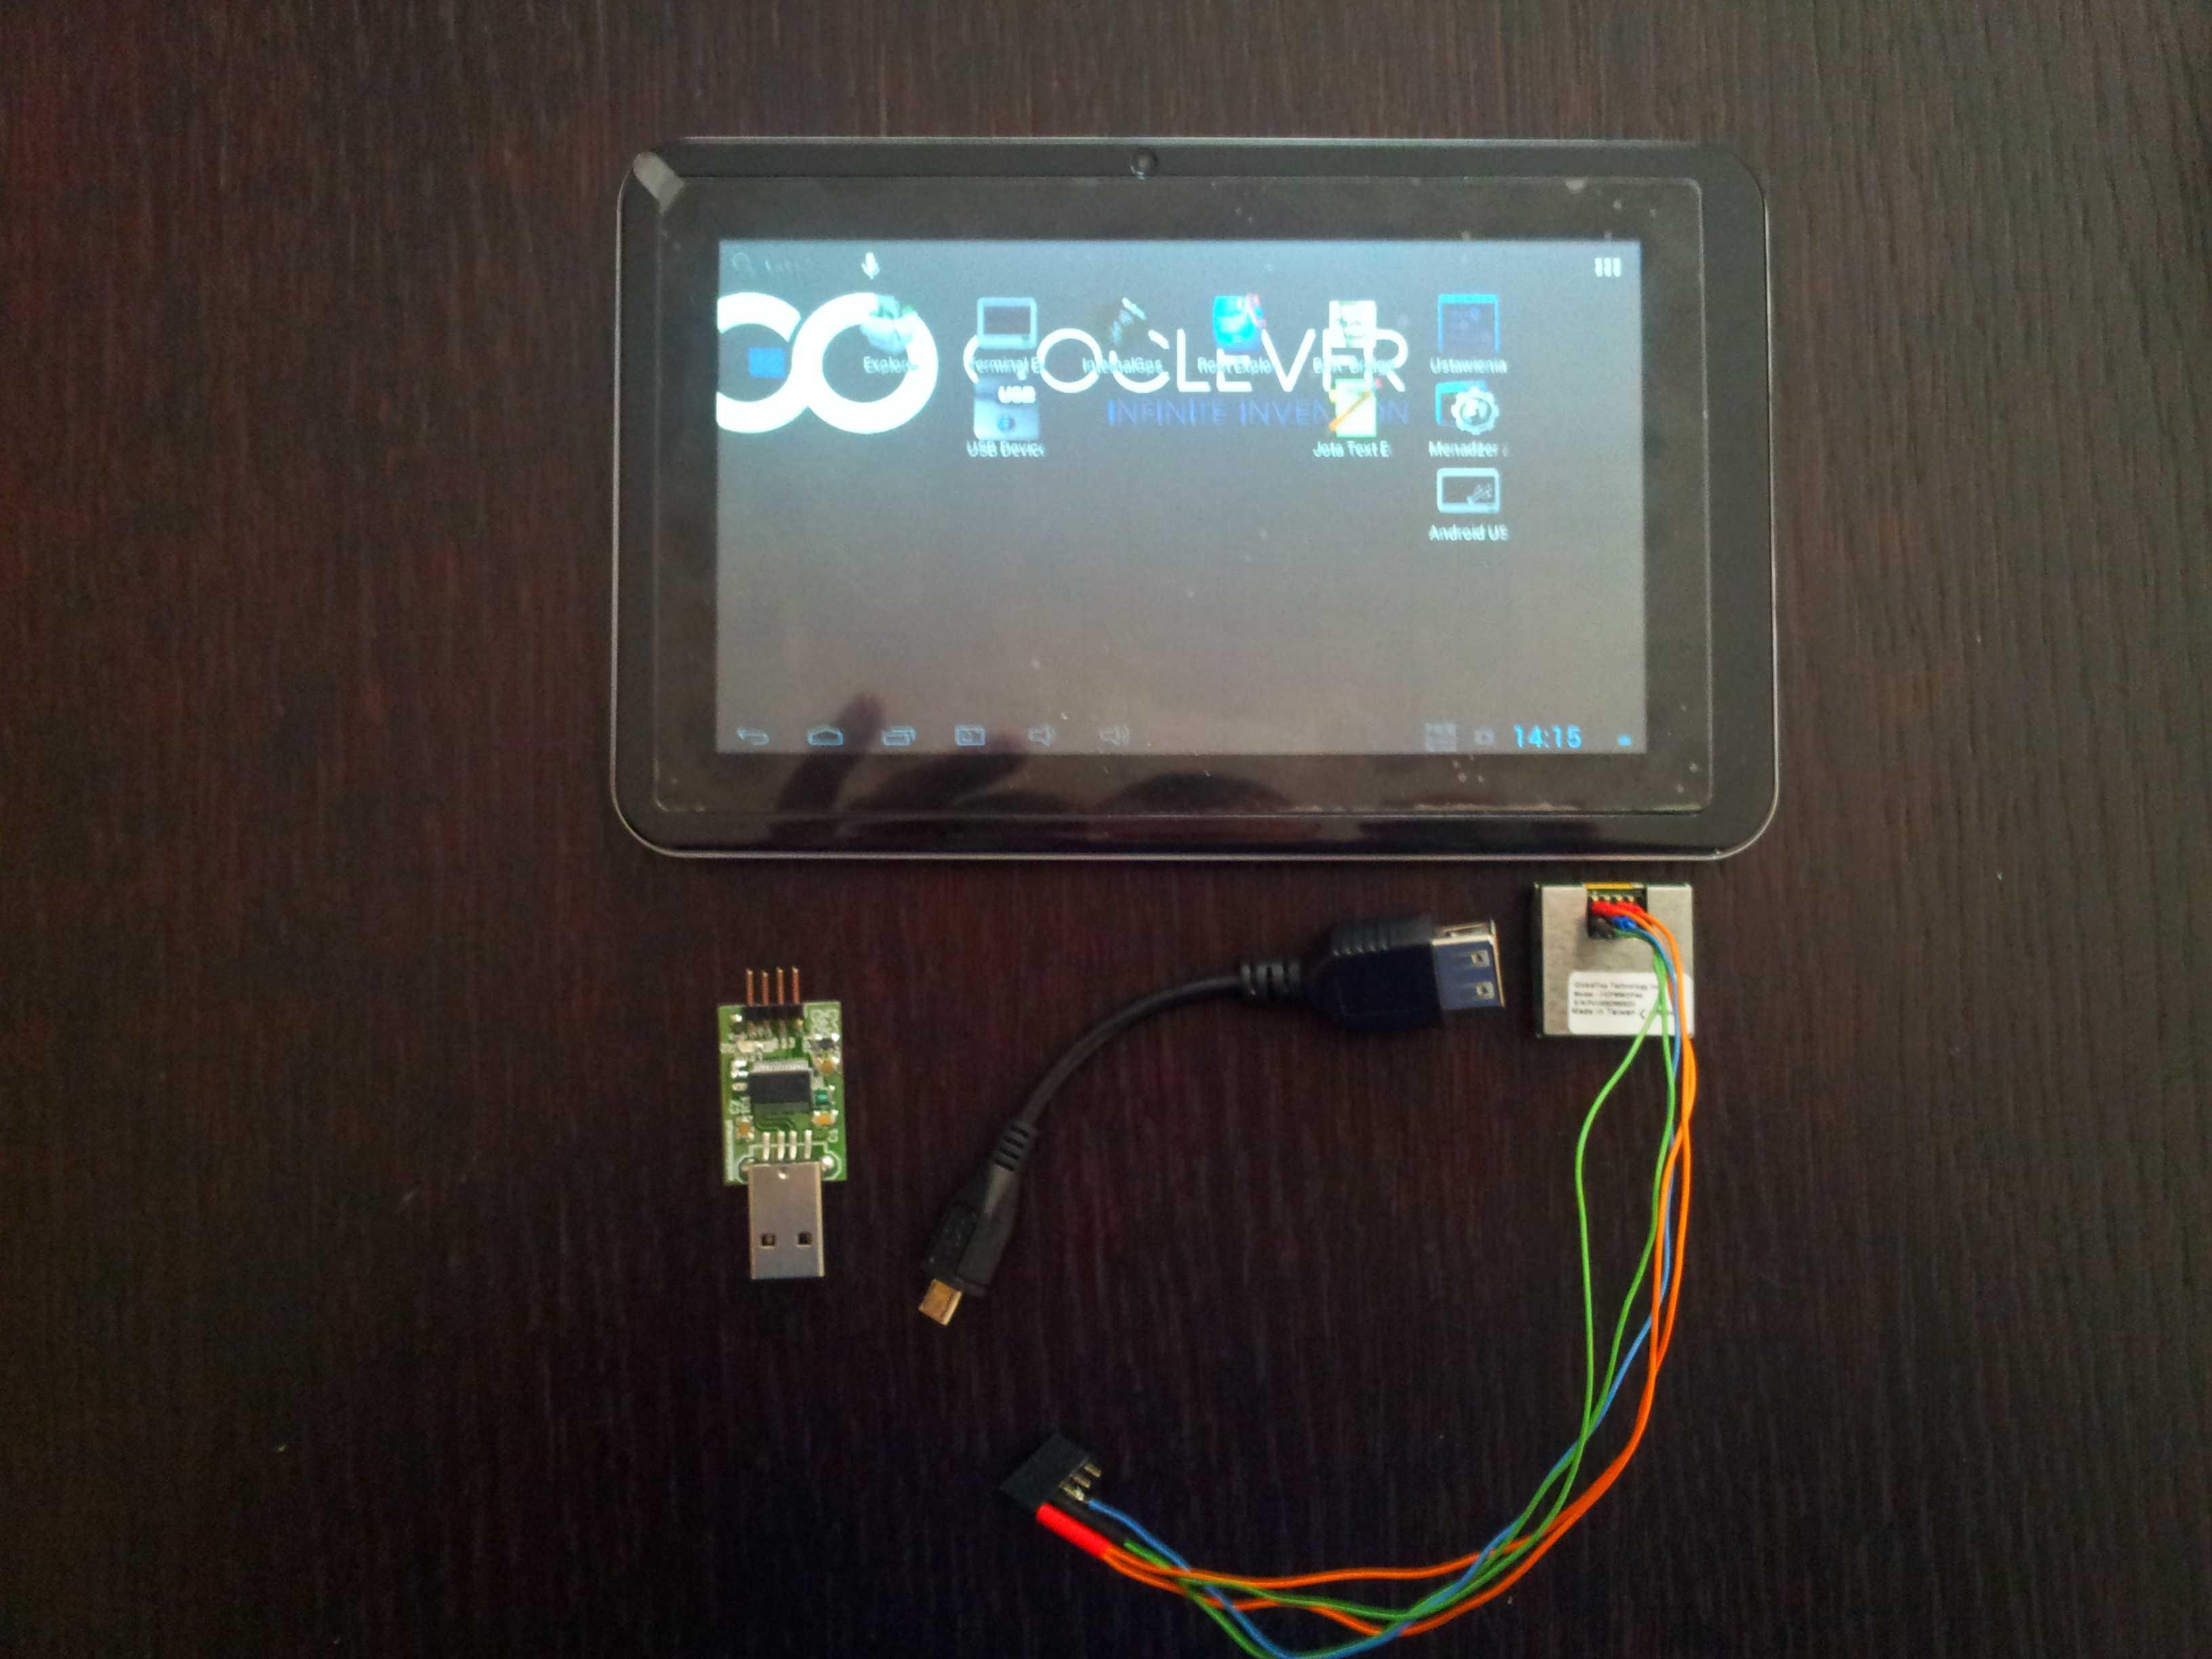 USB-GPS na Tablety Android pozbawione wewnetrznego odbiornika GPS